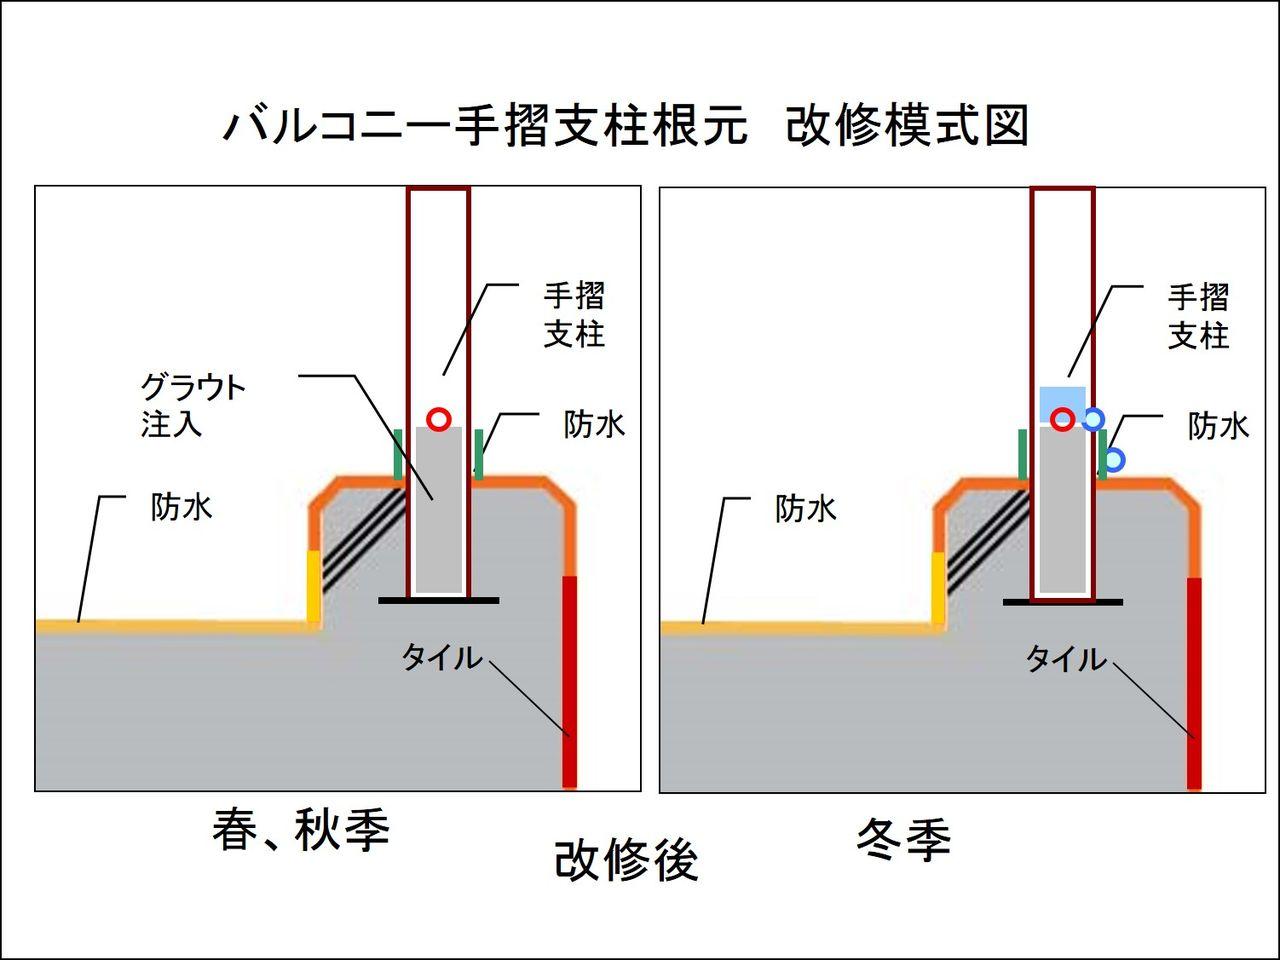 図2 - コピー